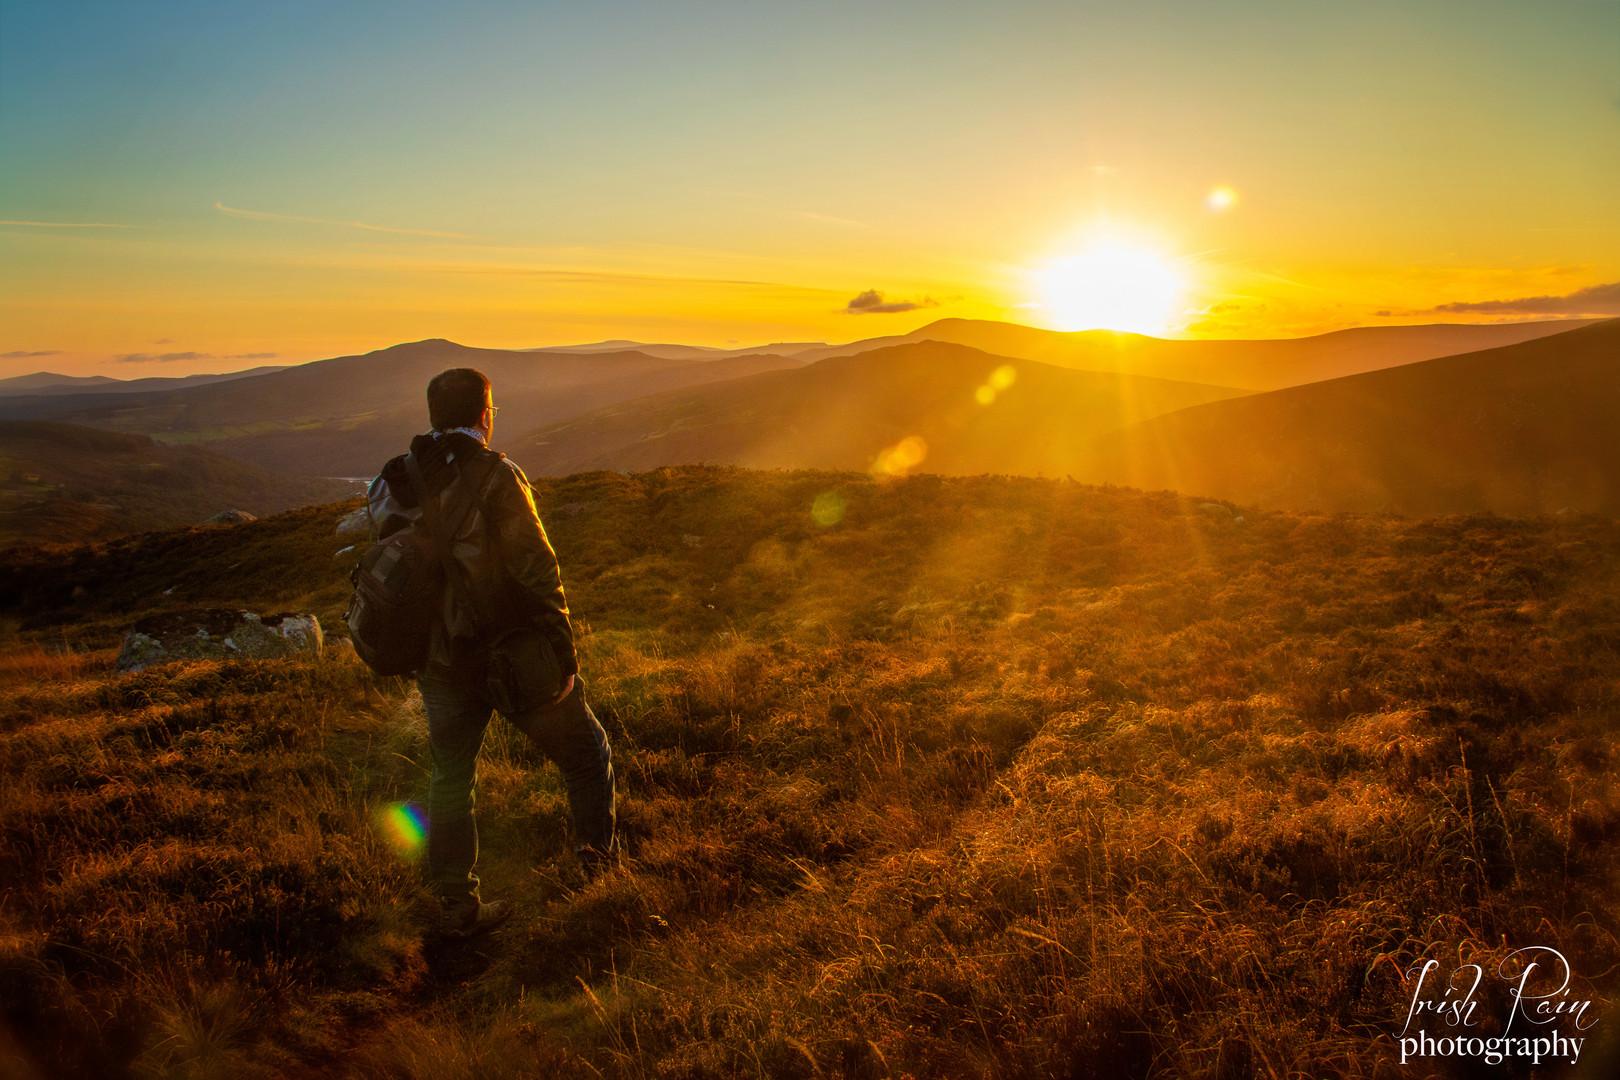 sunset photo wallace jones ireland irish